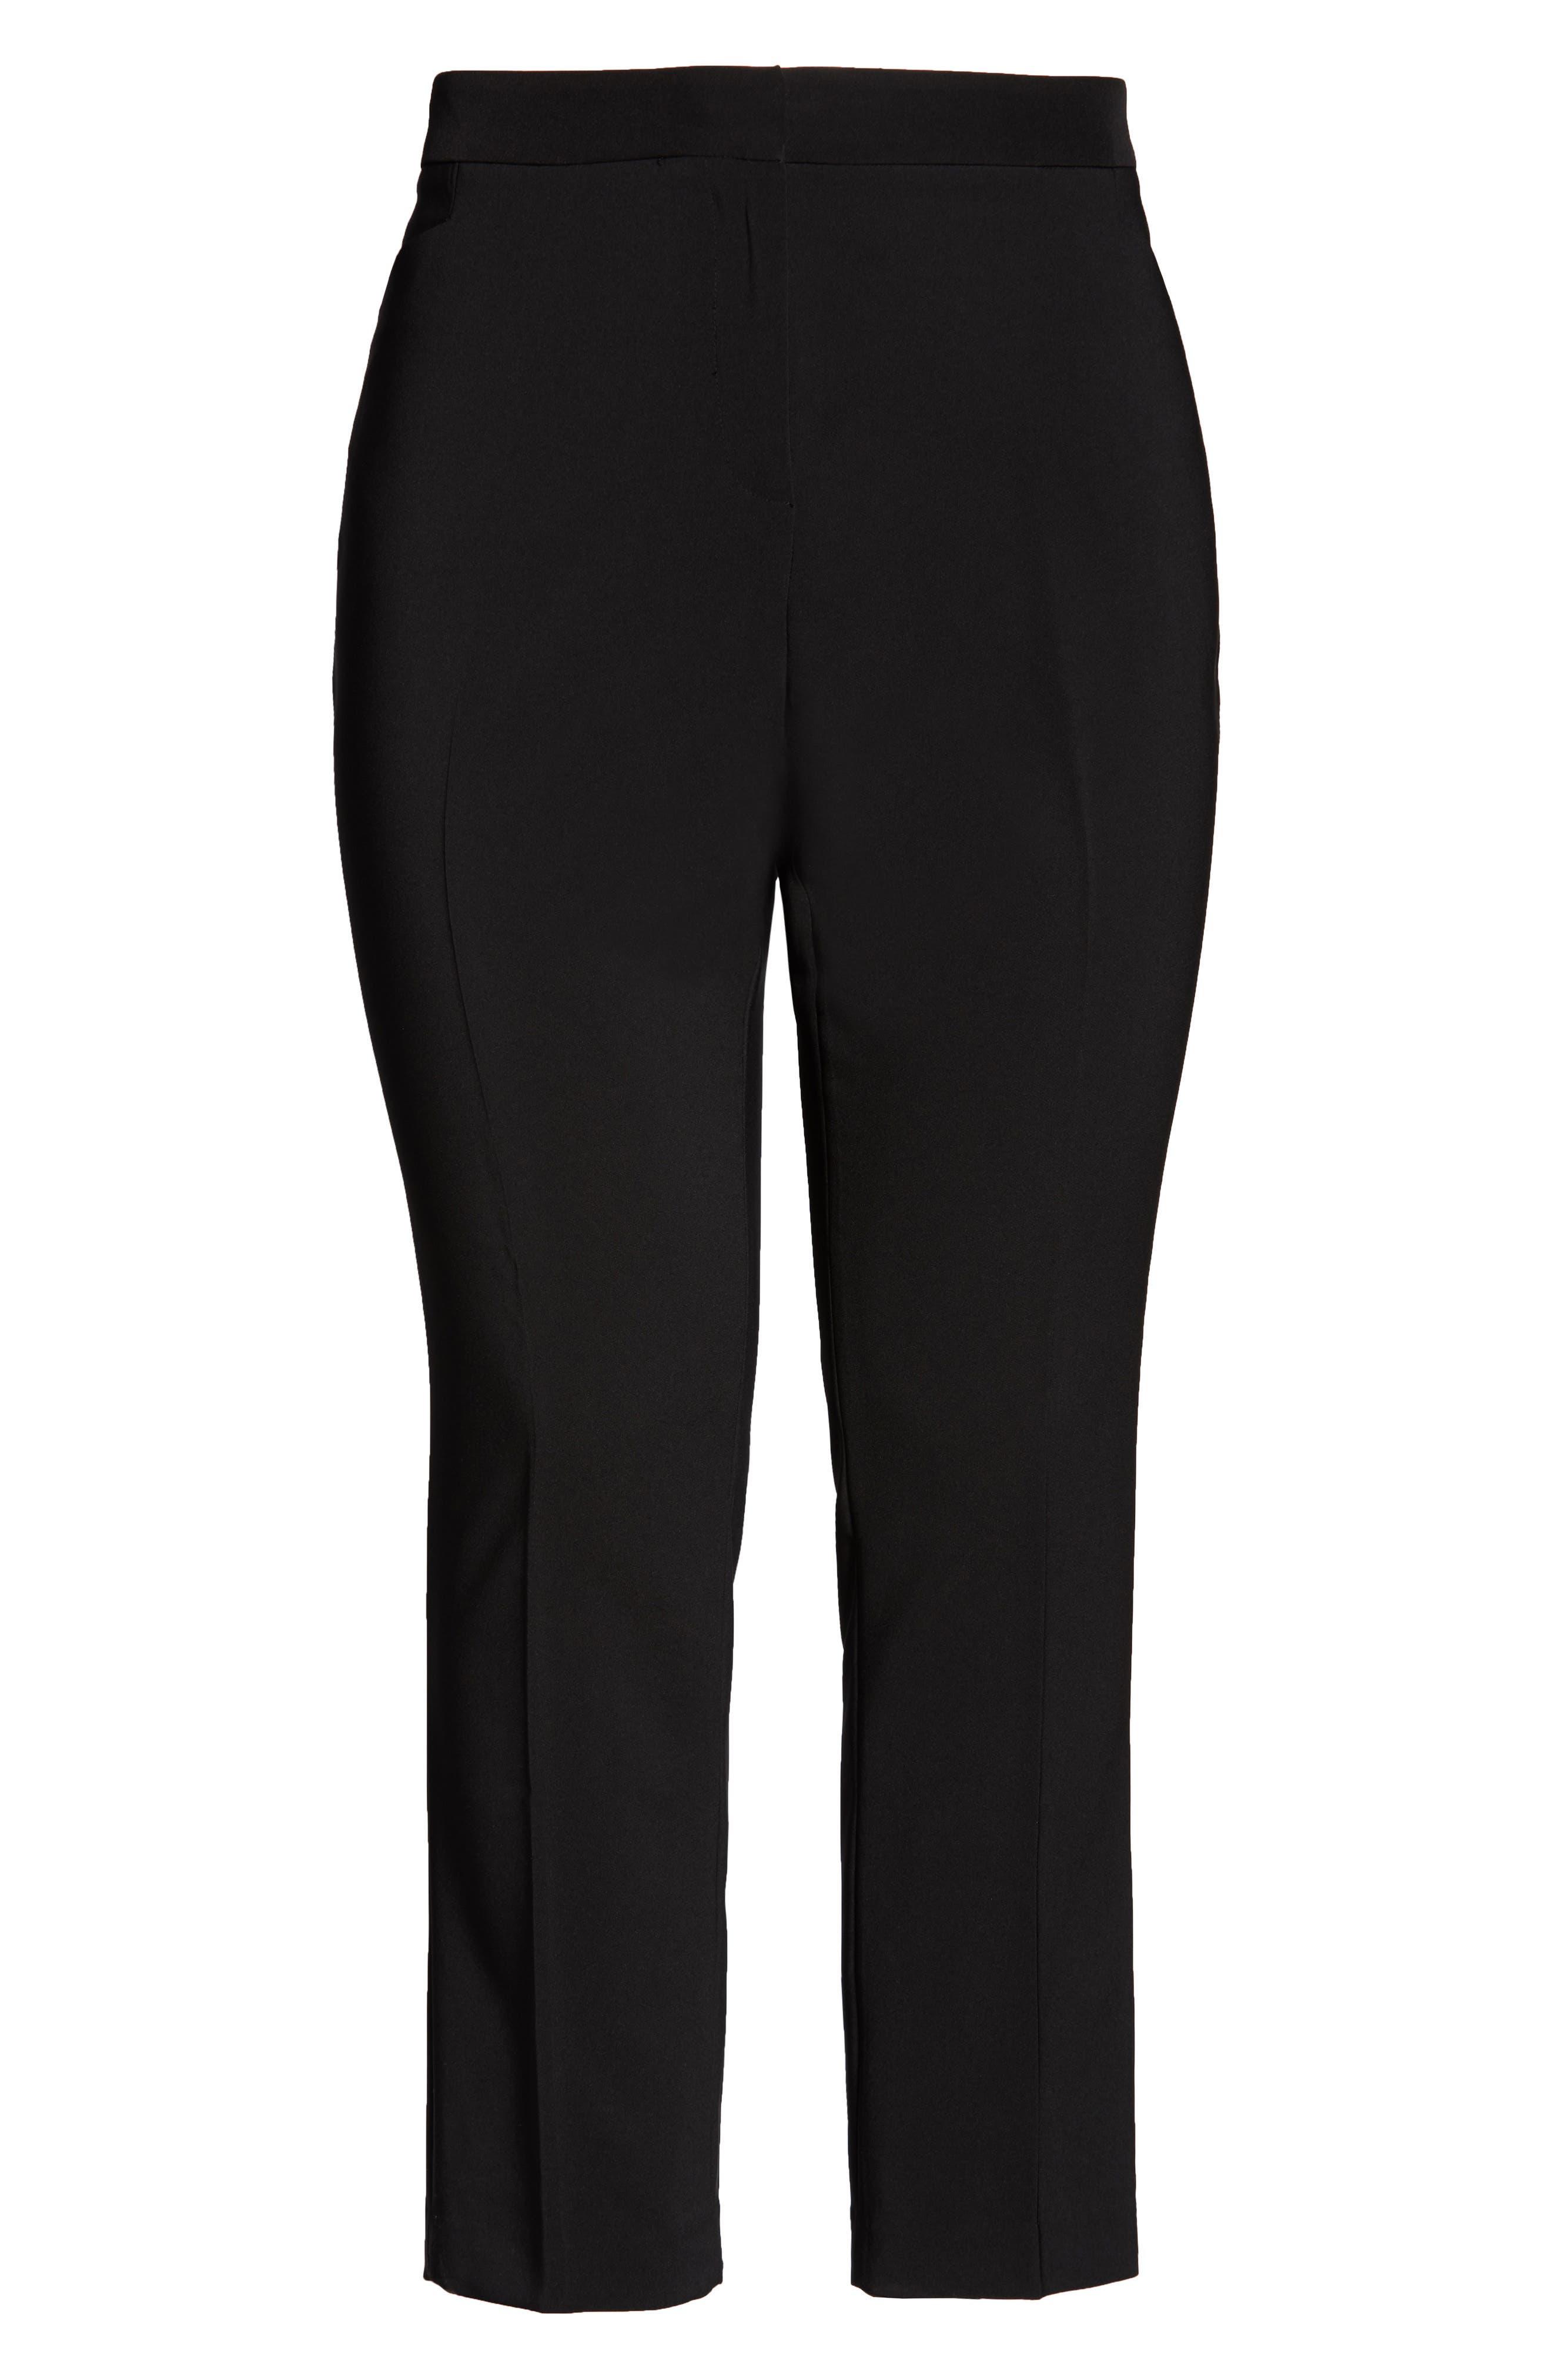 VINCE CAMUTO, Ankle Pants, Alternate thumbnail 7, color, RICH BLACK